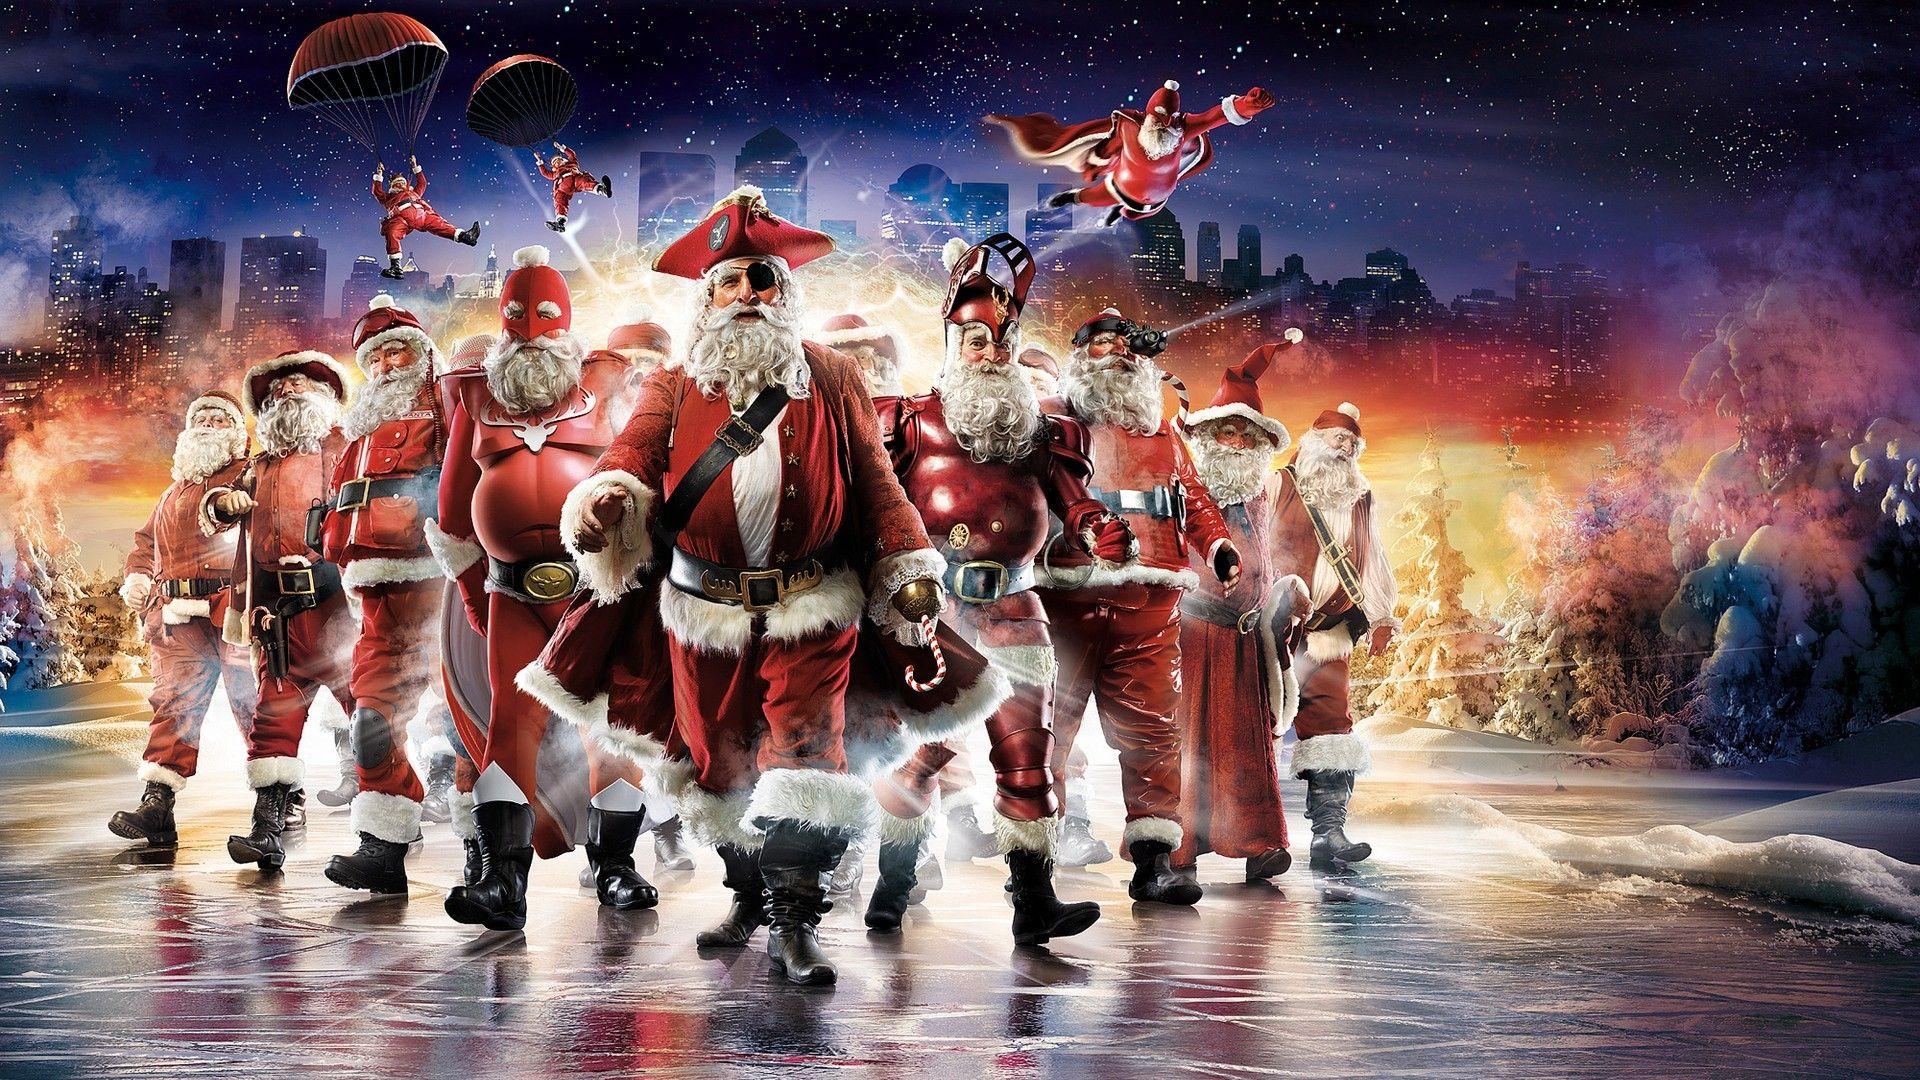 Funny Christmas Wallpaper Hd Hd Wallpaper Wallpaper Sinterklaas